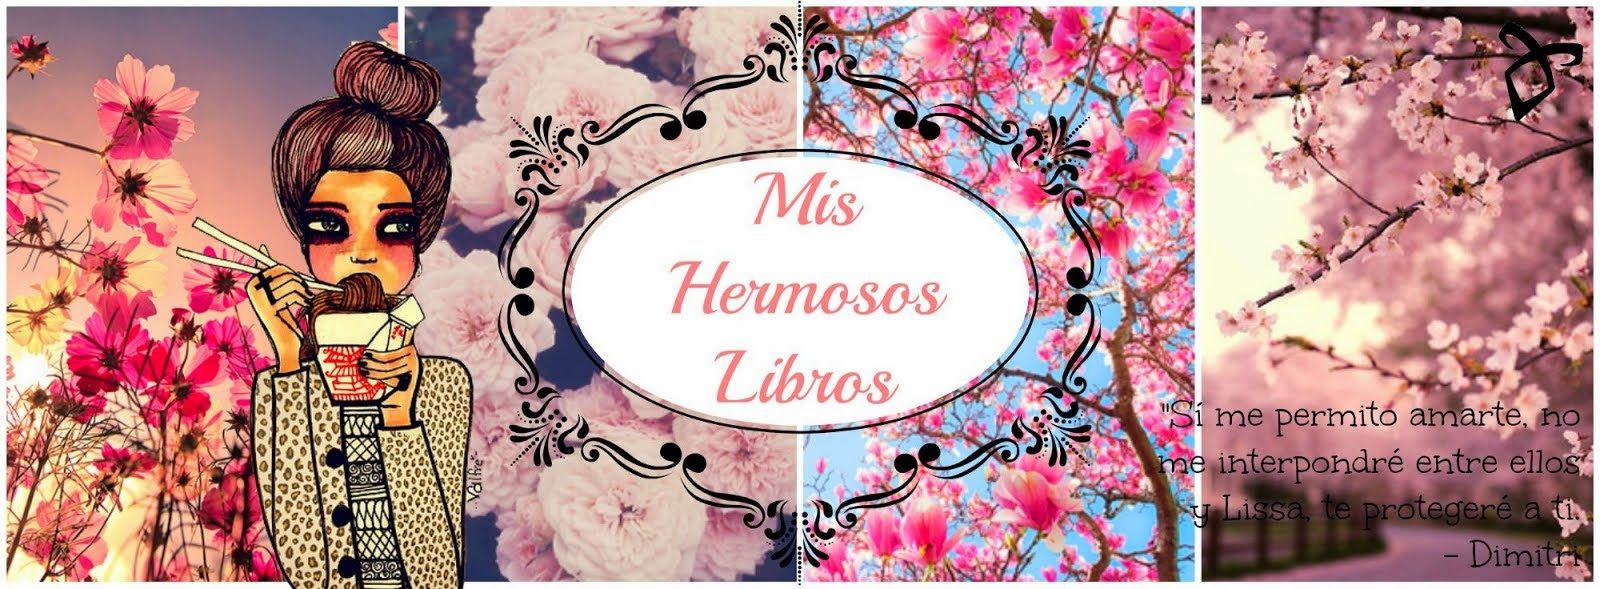 Mis Hermosos Libros